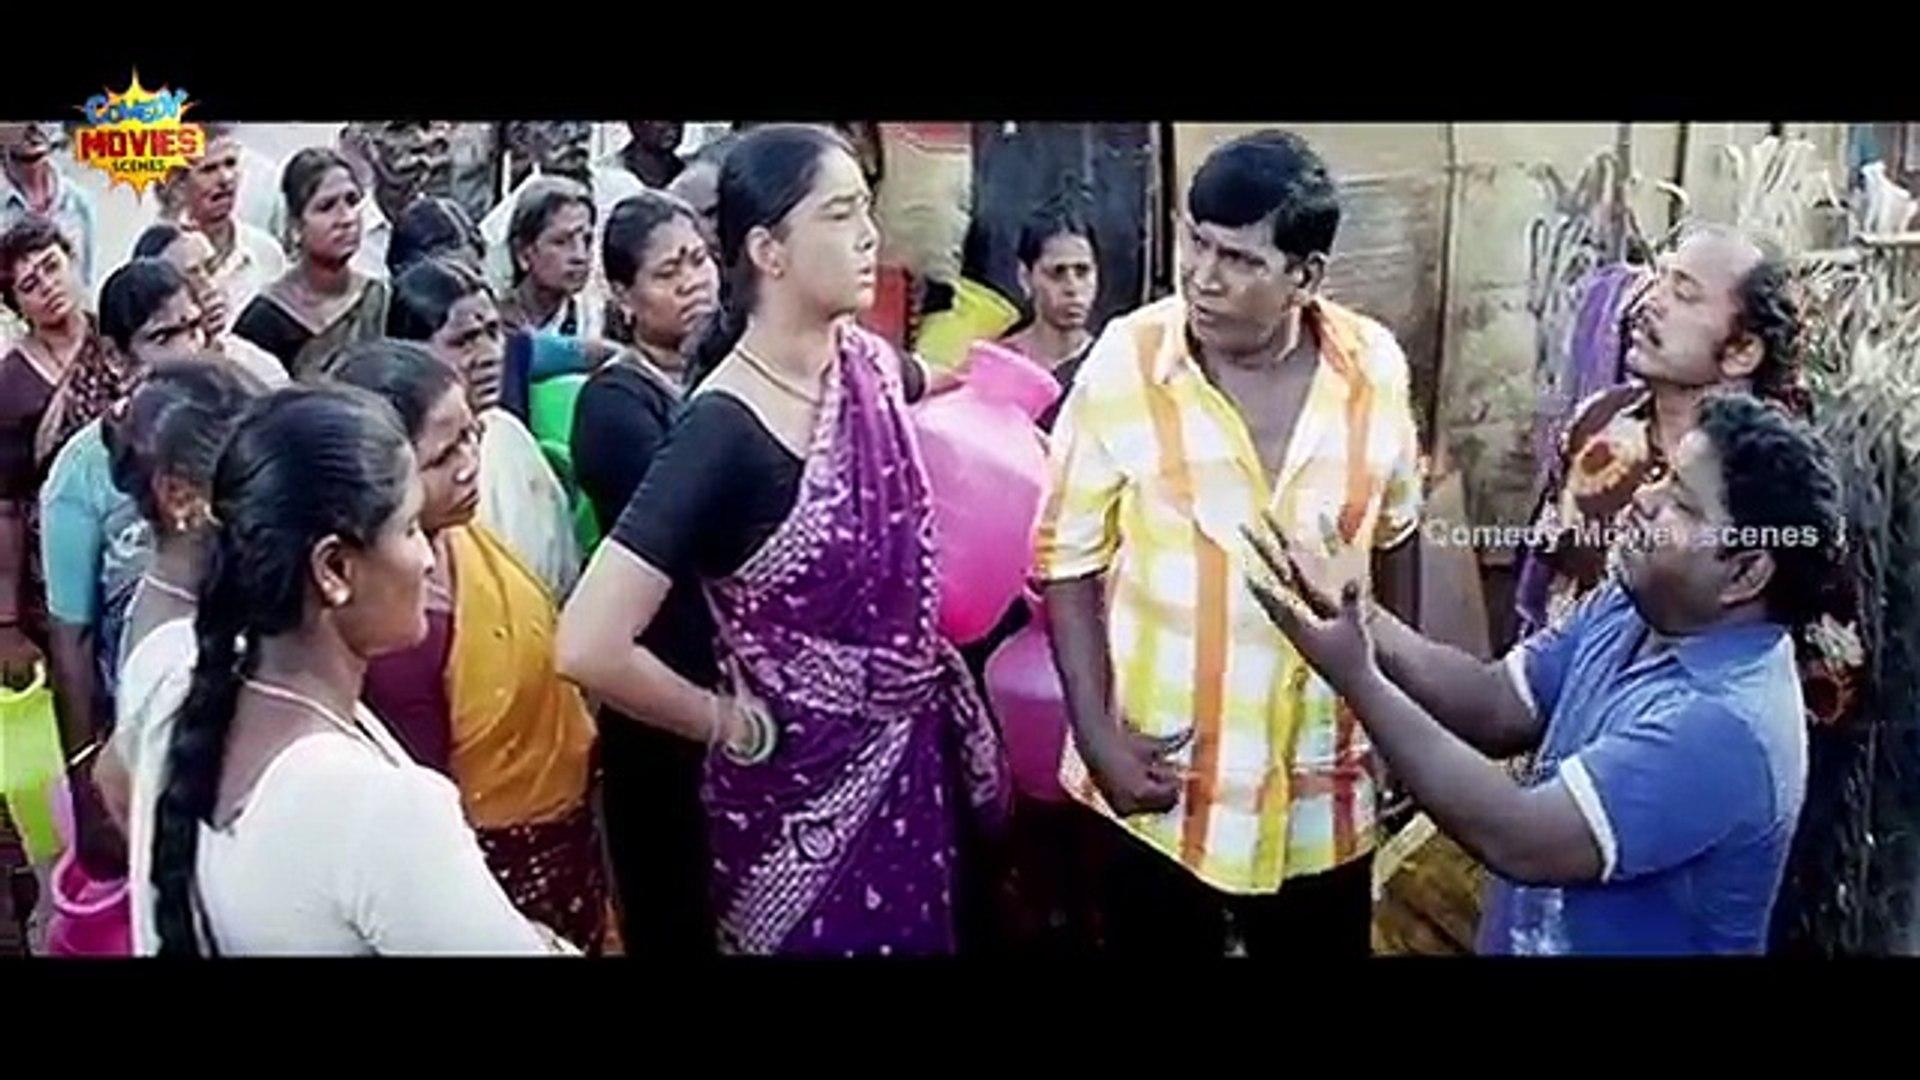 Hindi Comedy Videos _ Vadivelu Comedy _ The Return of Ghajini Film _ Comedy Movies Scenes ( 360 X 64